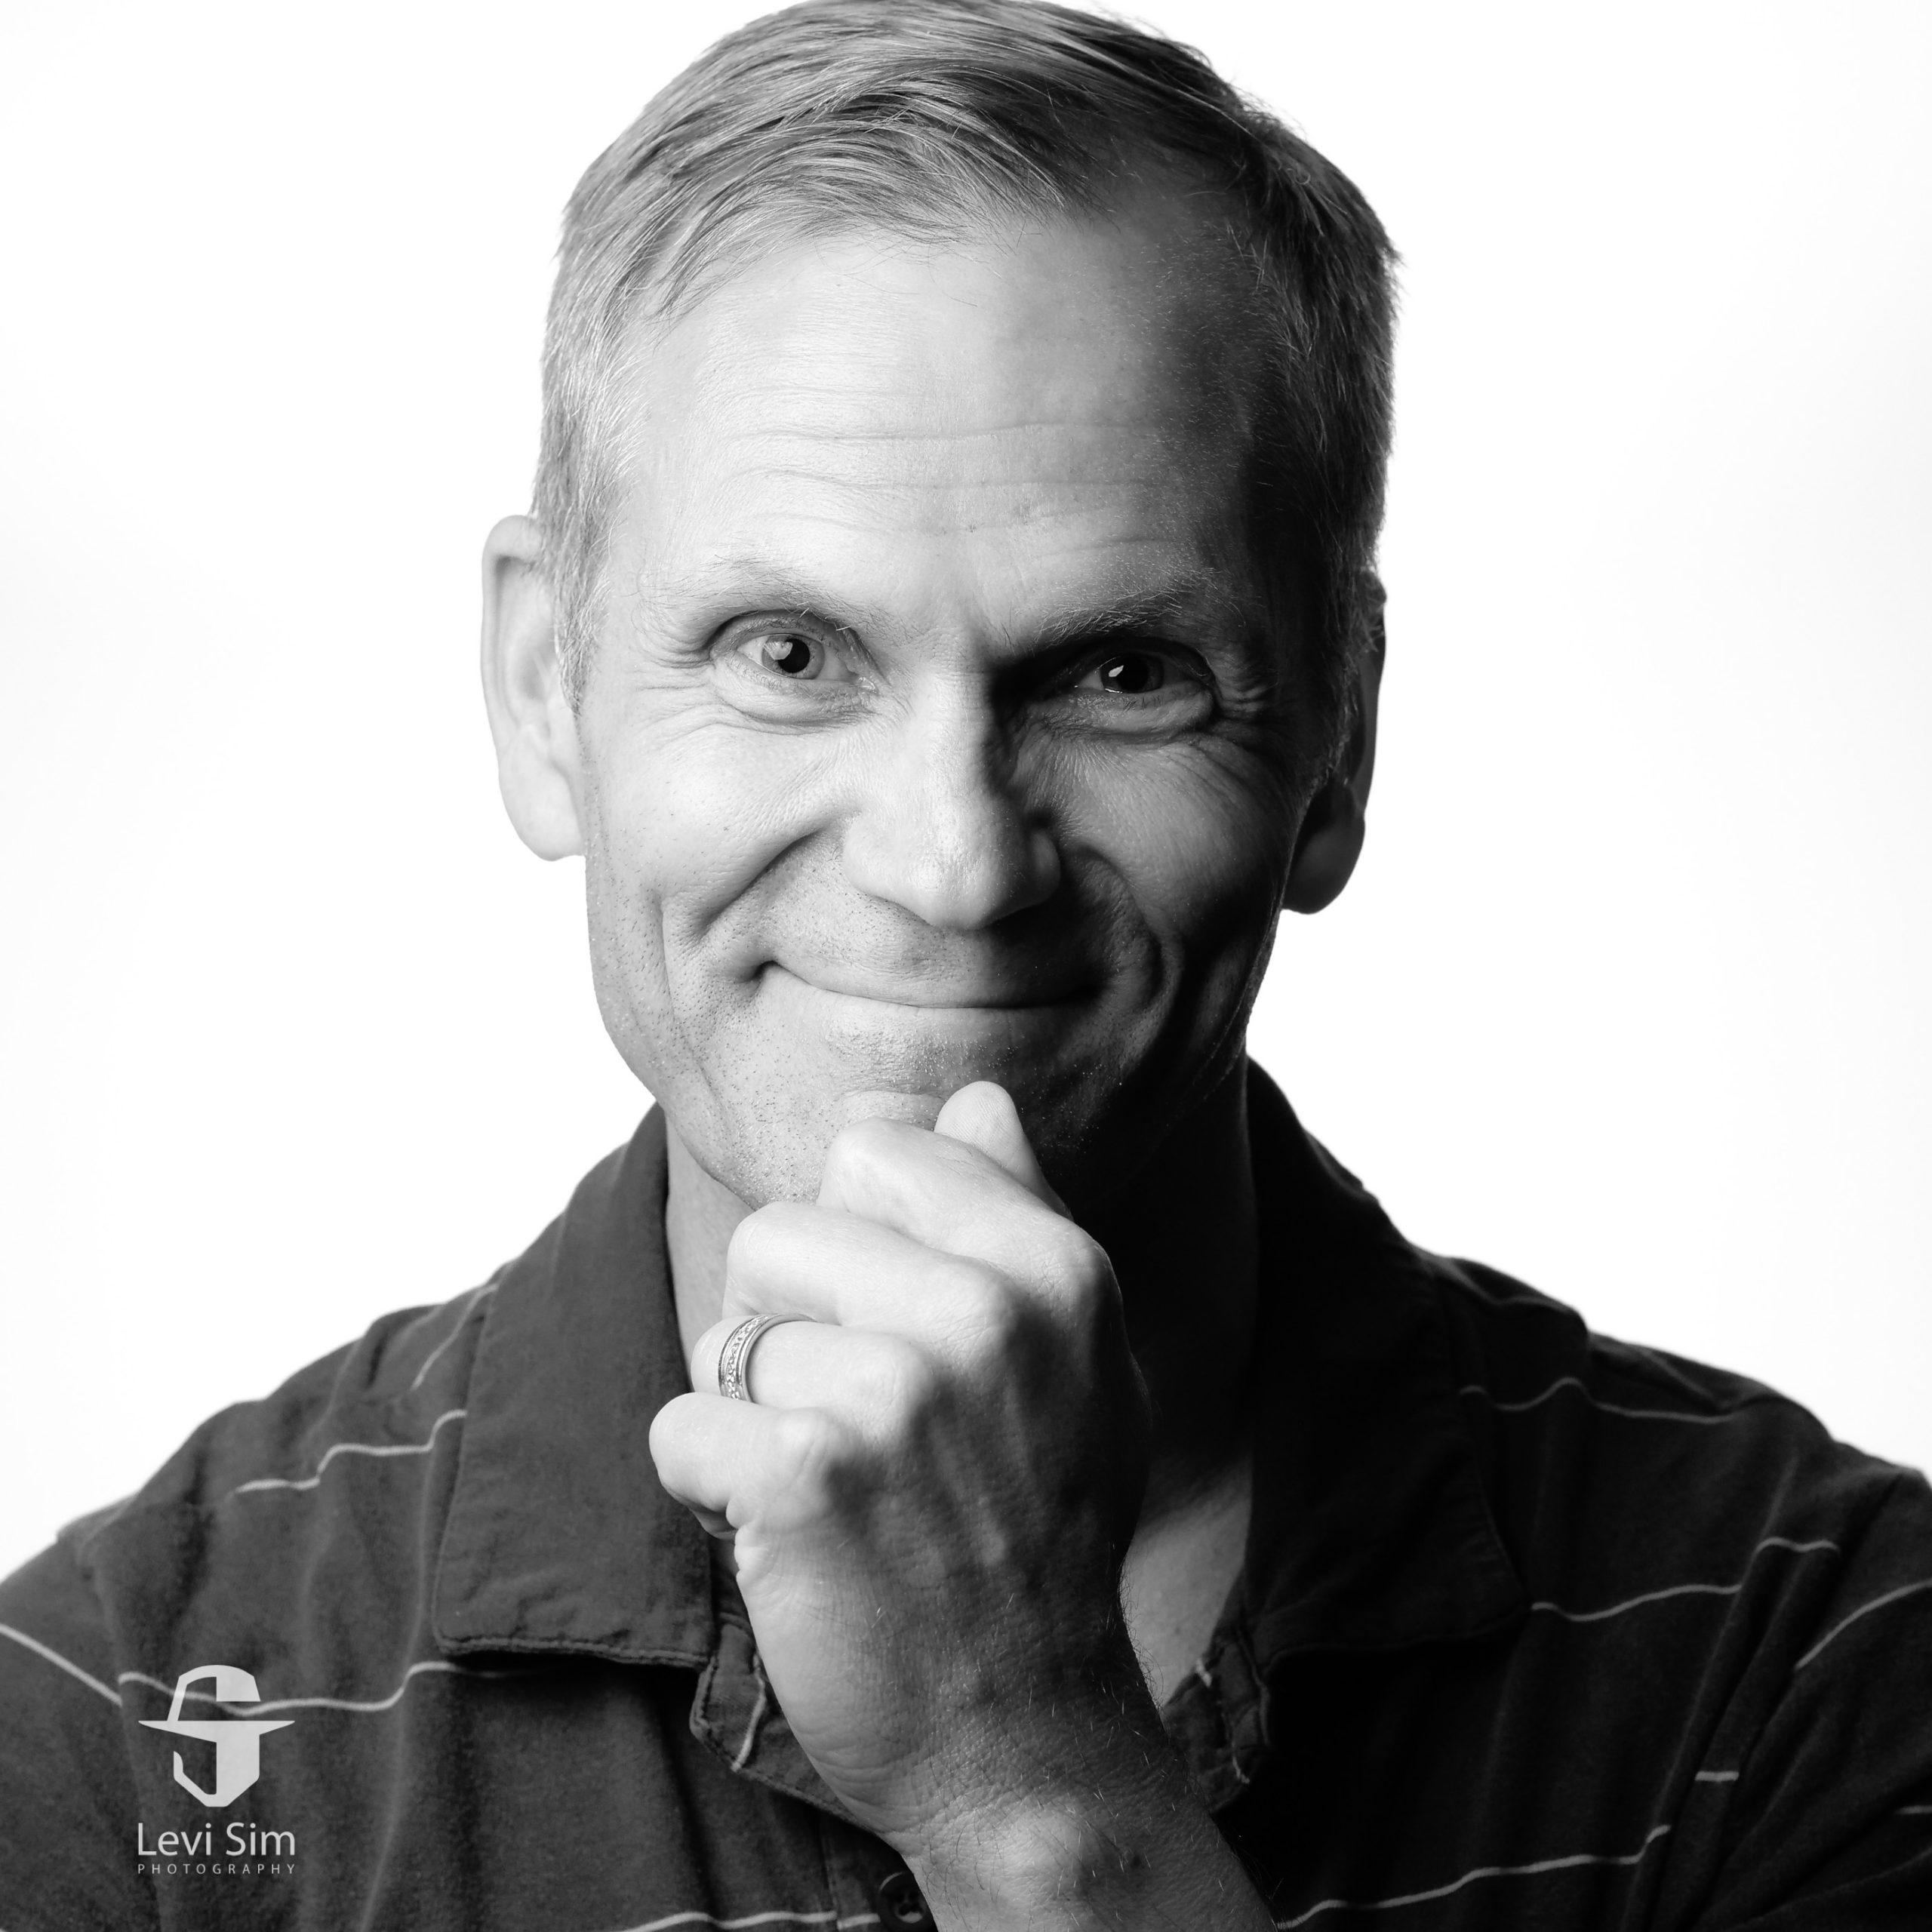 Levi Sim Steve Jobs Portrait Project Out Of Chicago 2017-17